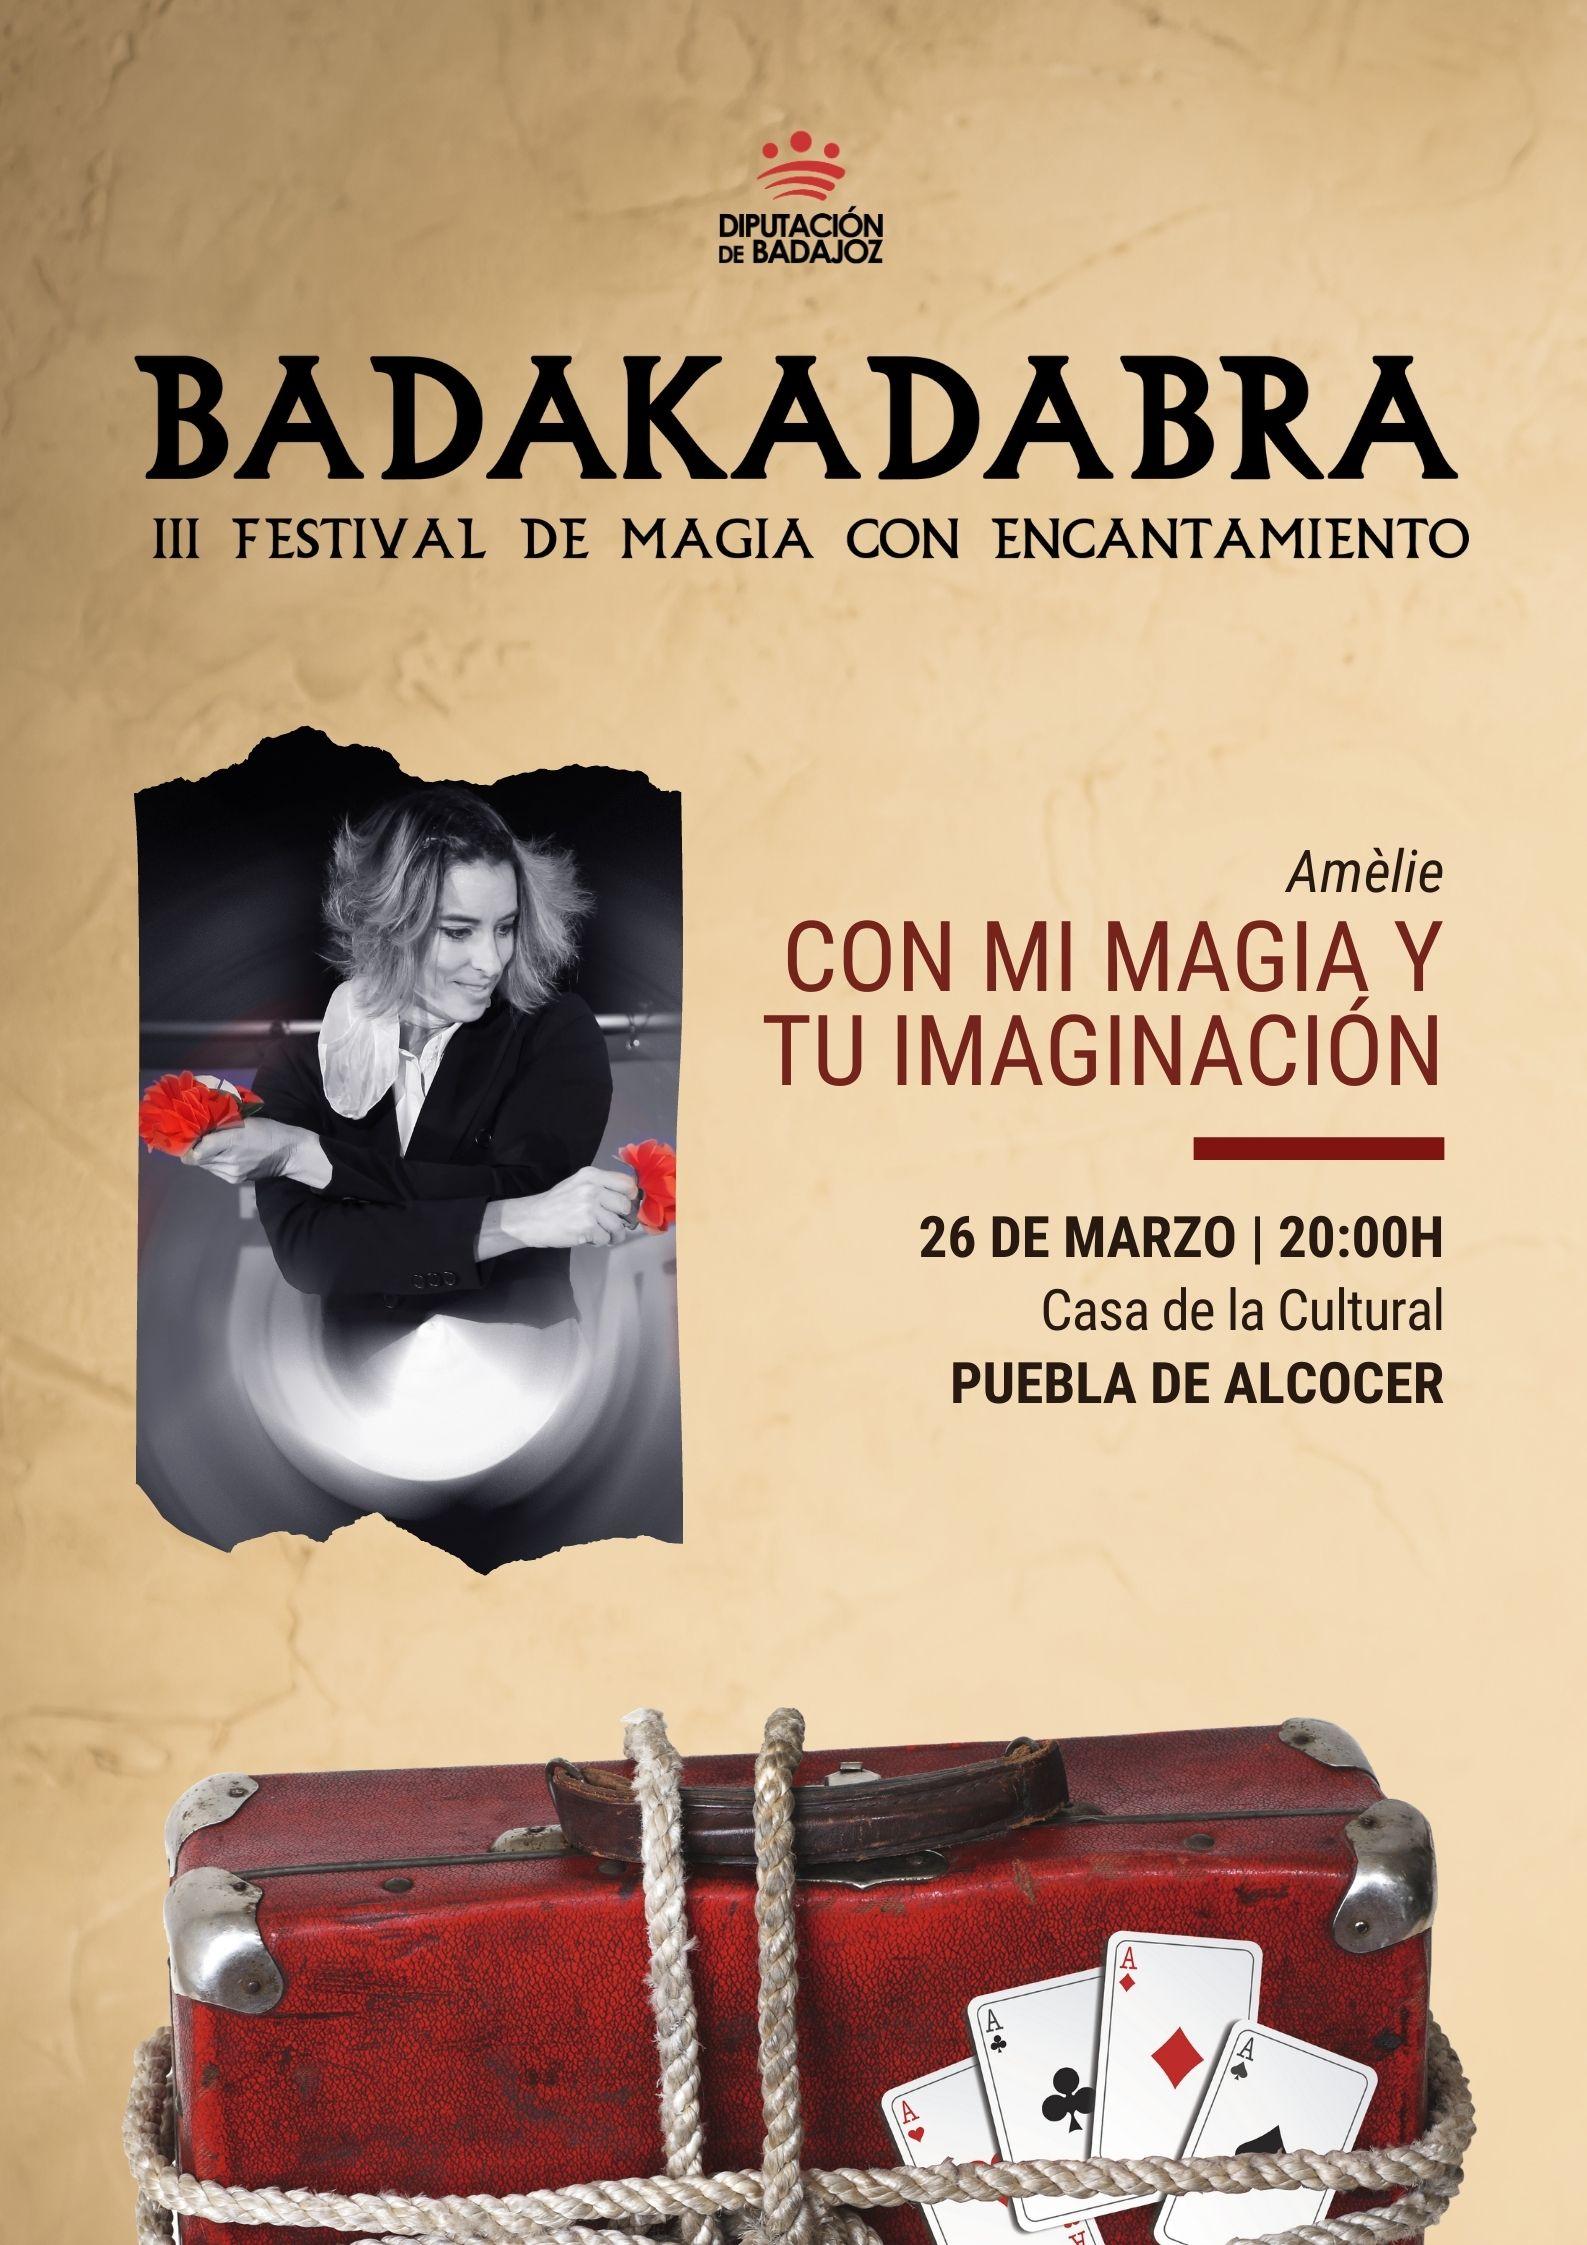 Imagen del Evento Con mi magia y tu imaginación